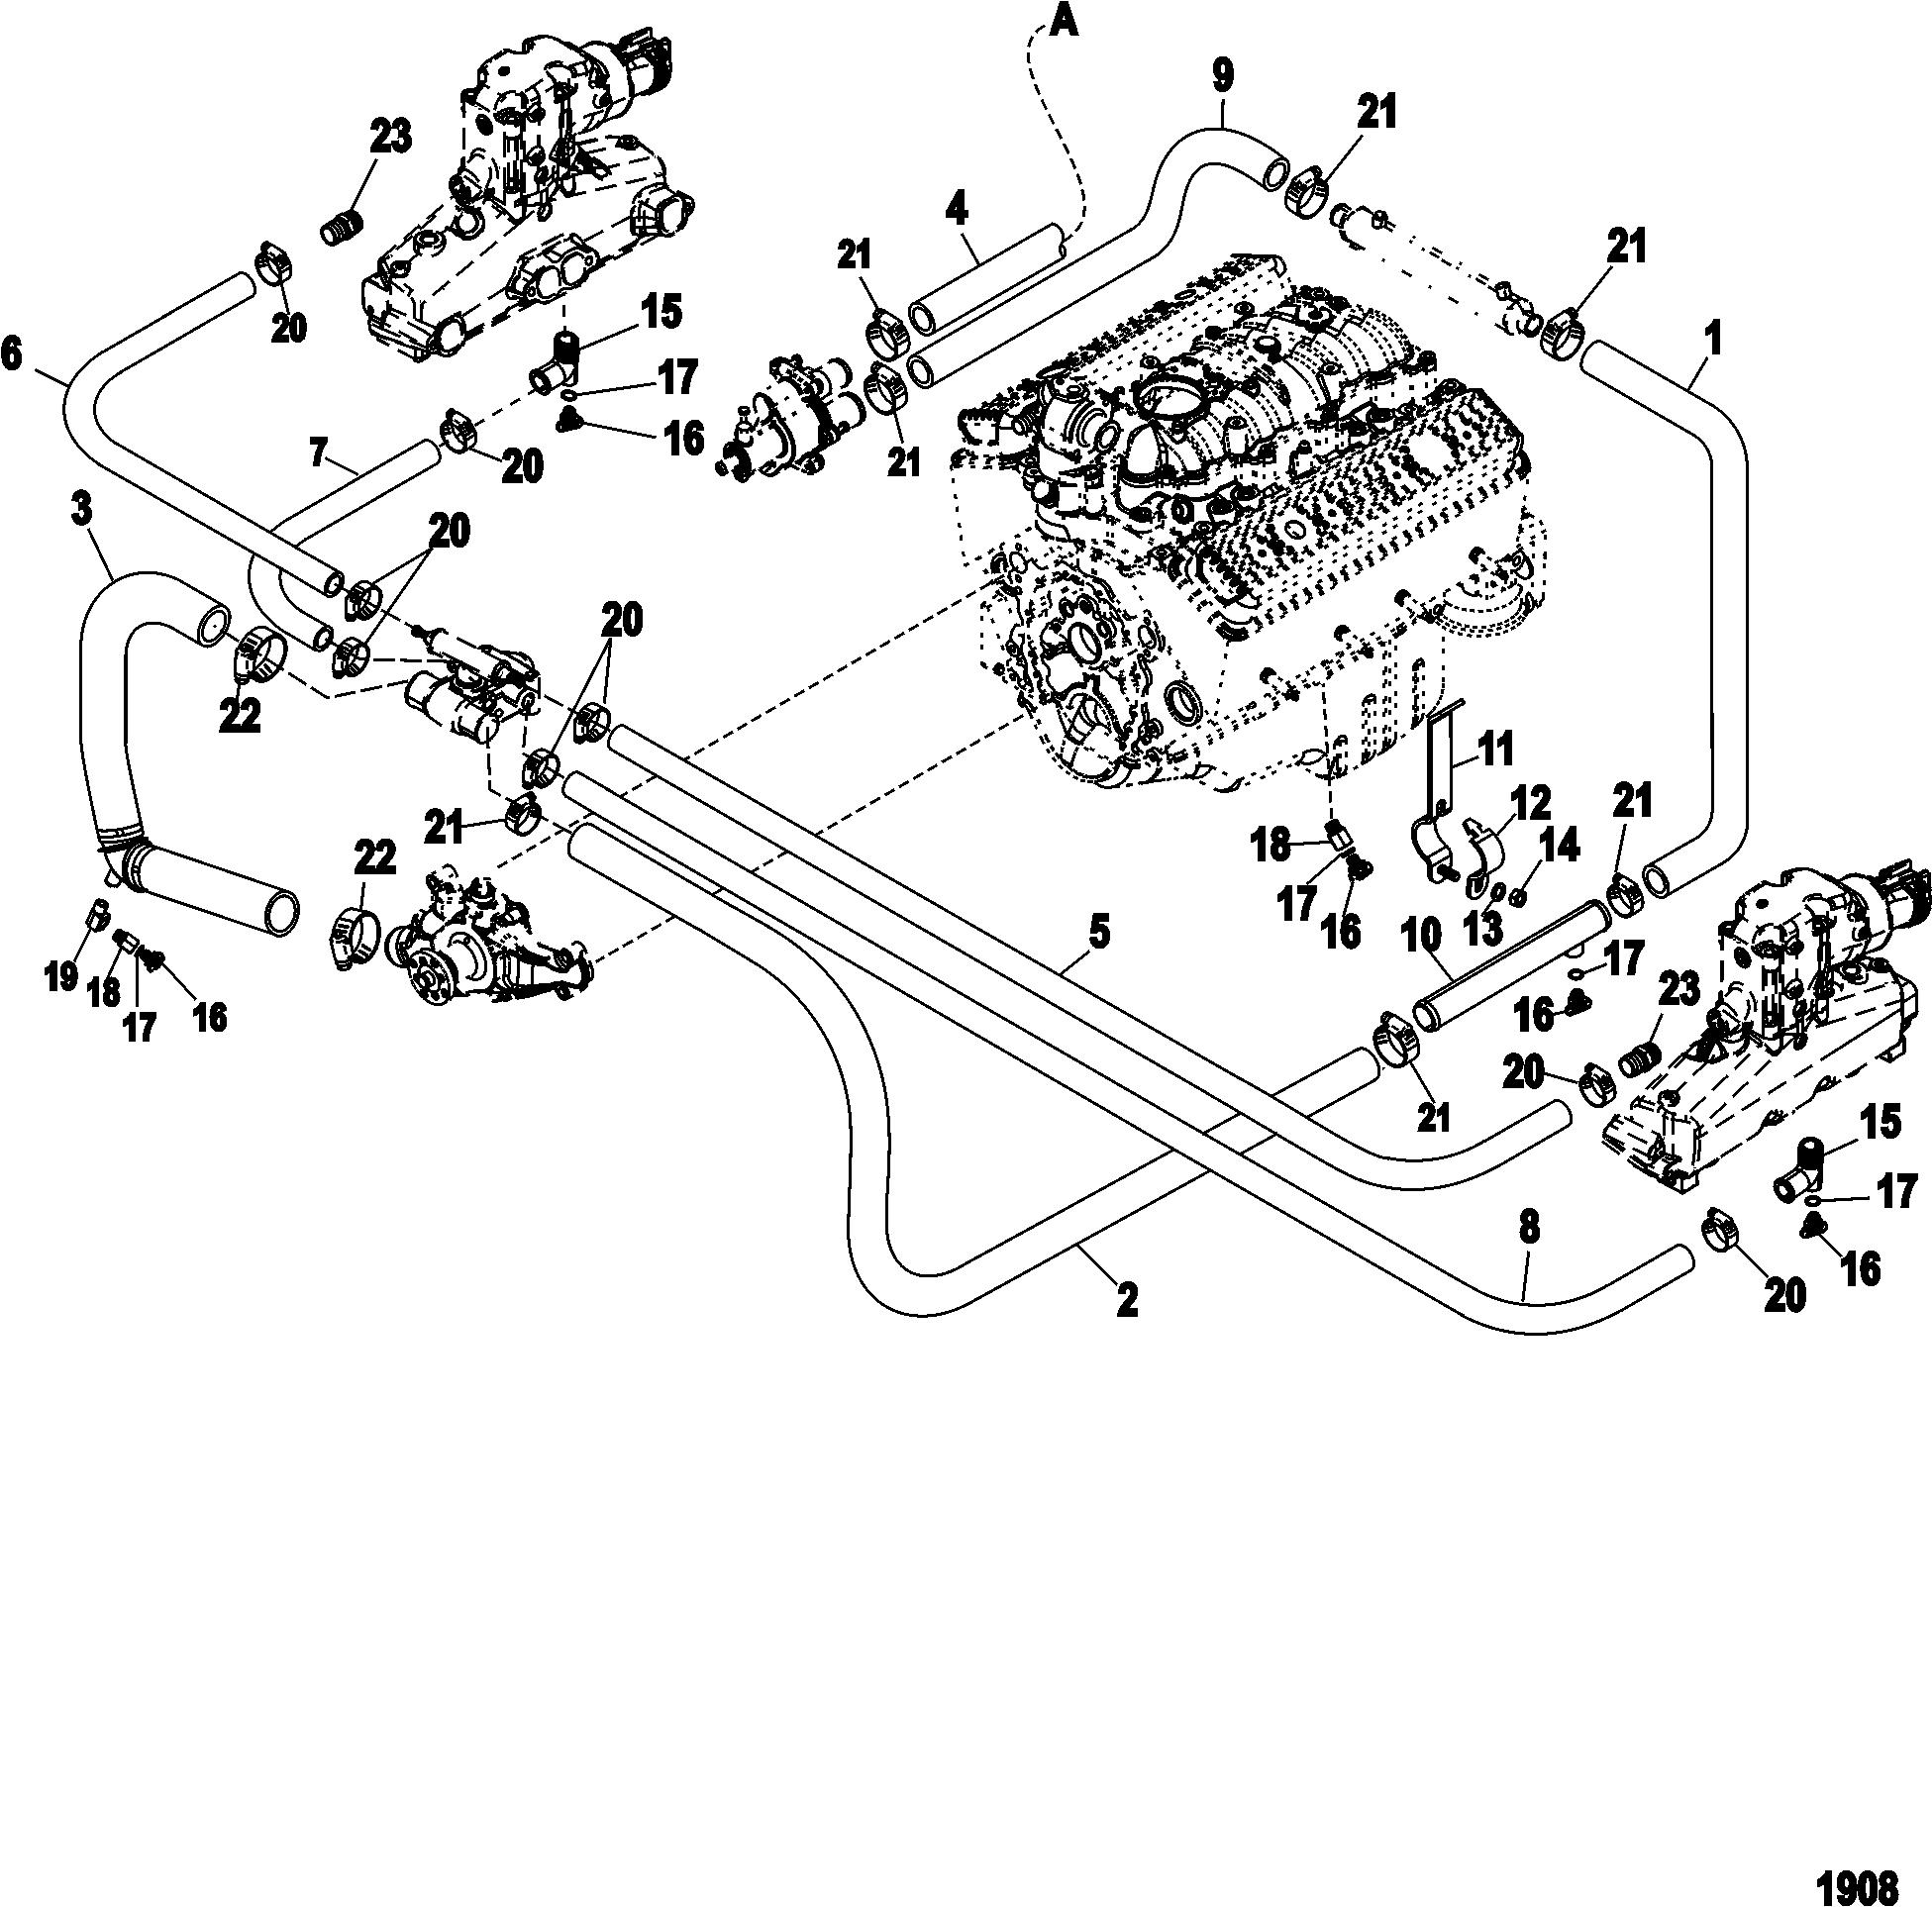 7 4 mercruiser engine diagram page foneplanet de \u2022454 mercruiser  engine diagram gmu schullieder de